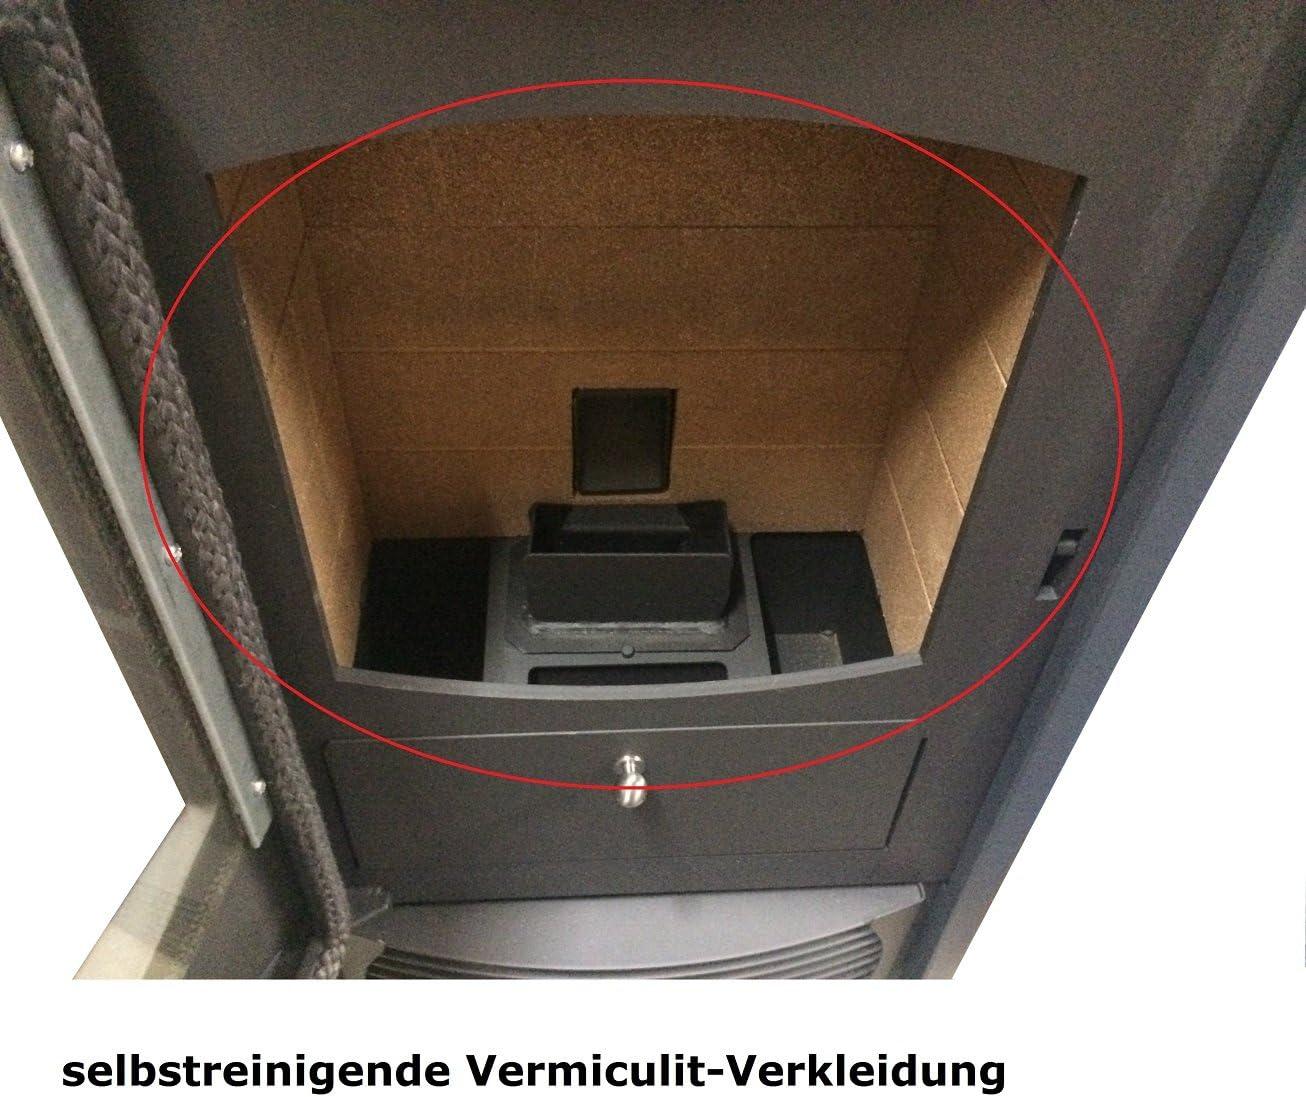 schenger Pellet Horno hp24/de Comfort gris oscuro